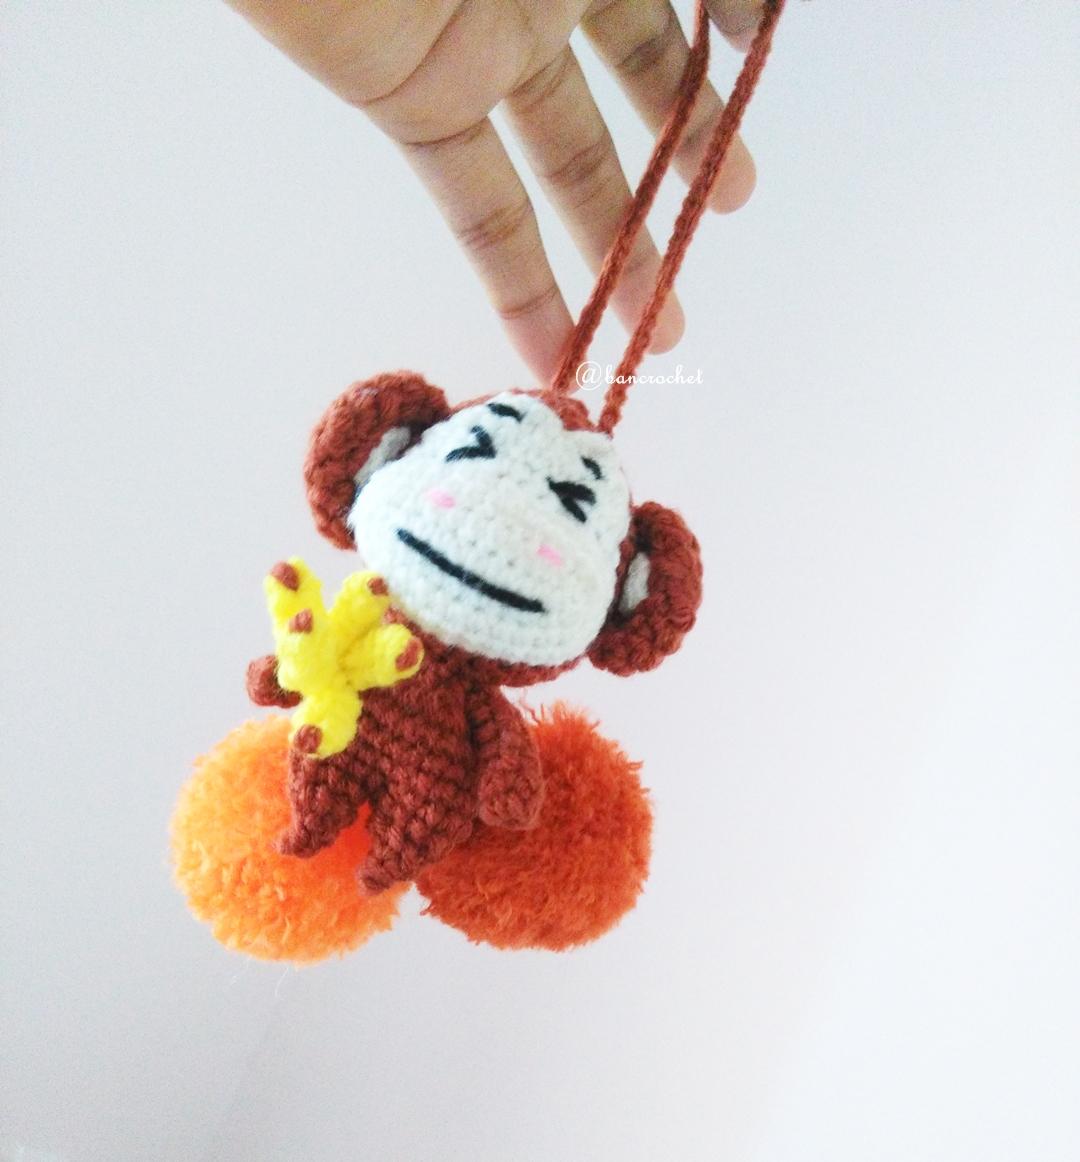 ที่ห้อยกระเป๋า พวงกุญแจตุ๊กตา ลิง dolls pom pom amigurumi crochet keychain